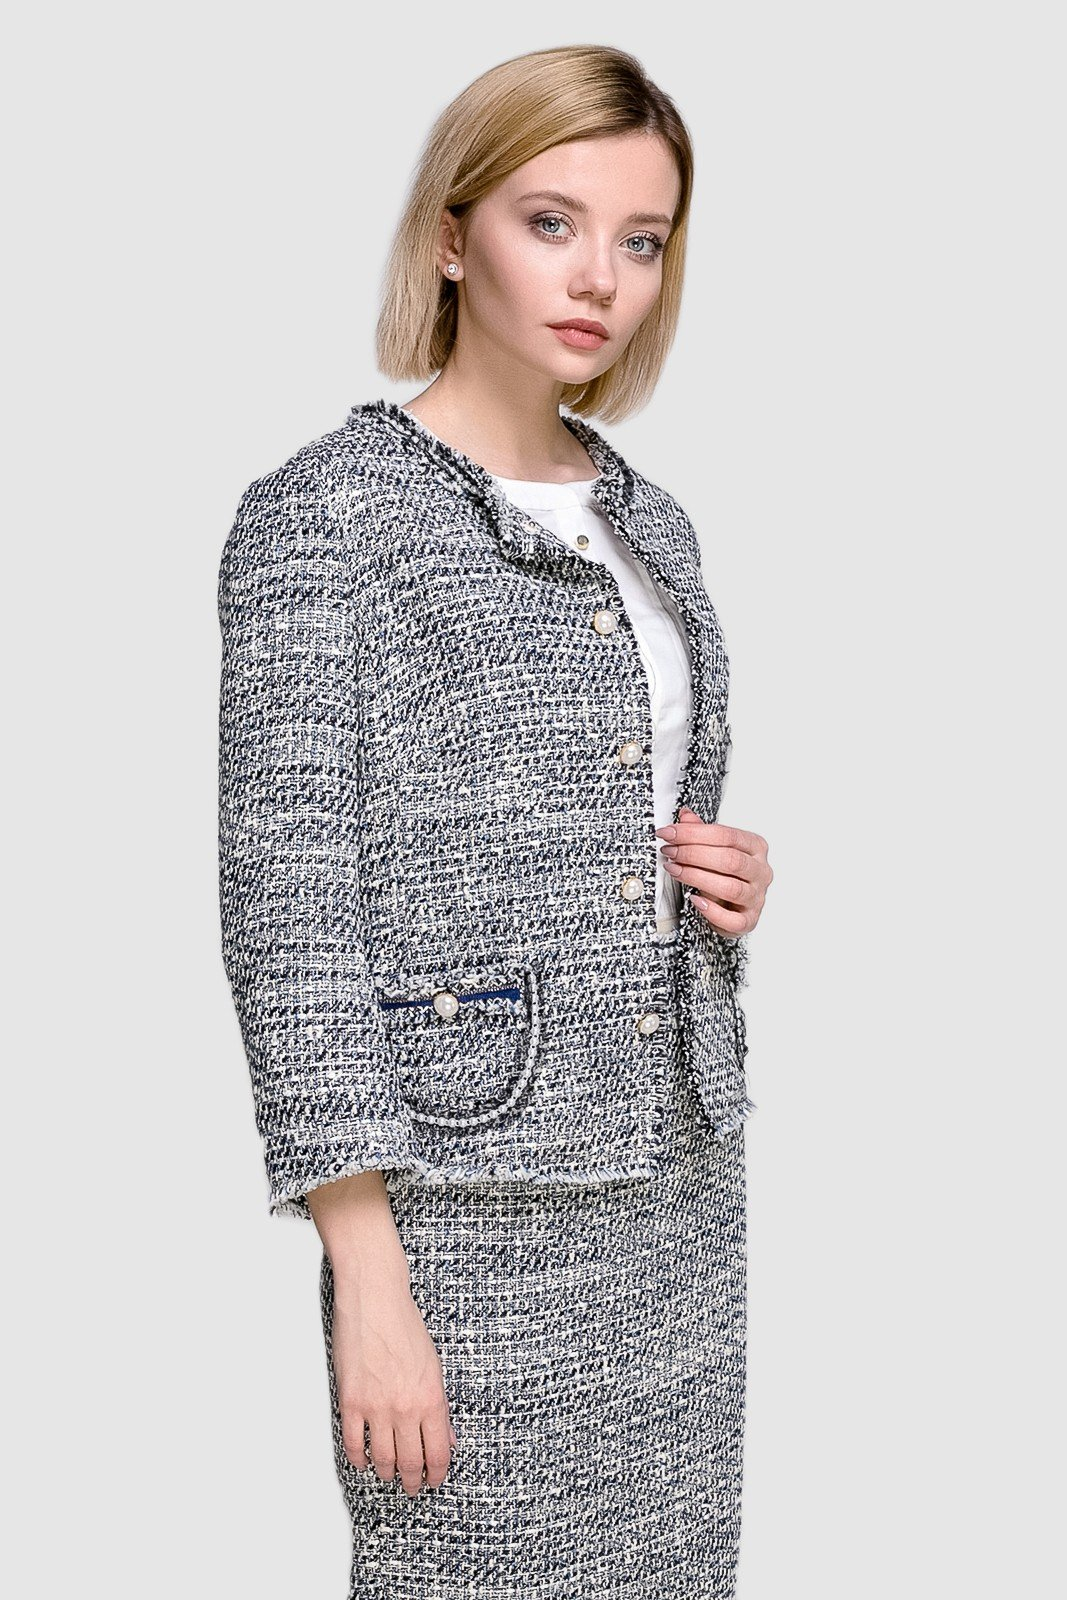 3bc4f37e0 Бренд Dolcedonna предлагает купить женскую одежду в Украине по самым  экономным ценам. При этом все наряды дизайнерские, современные и  качественные.